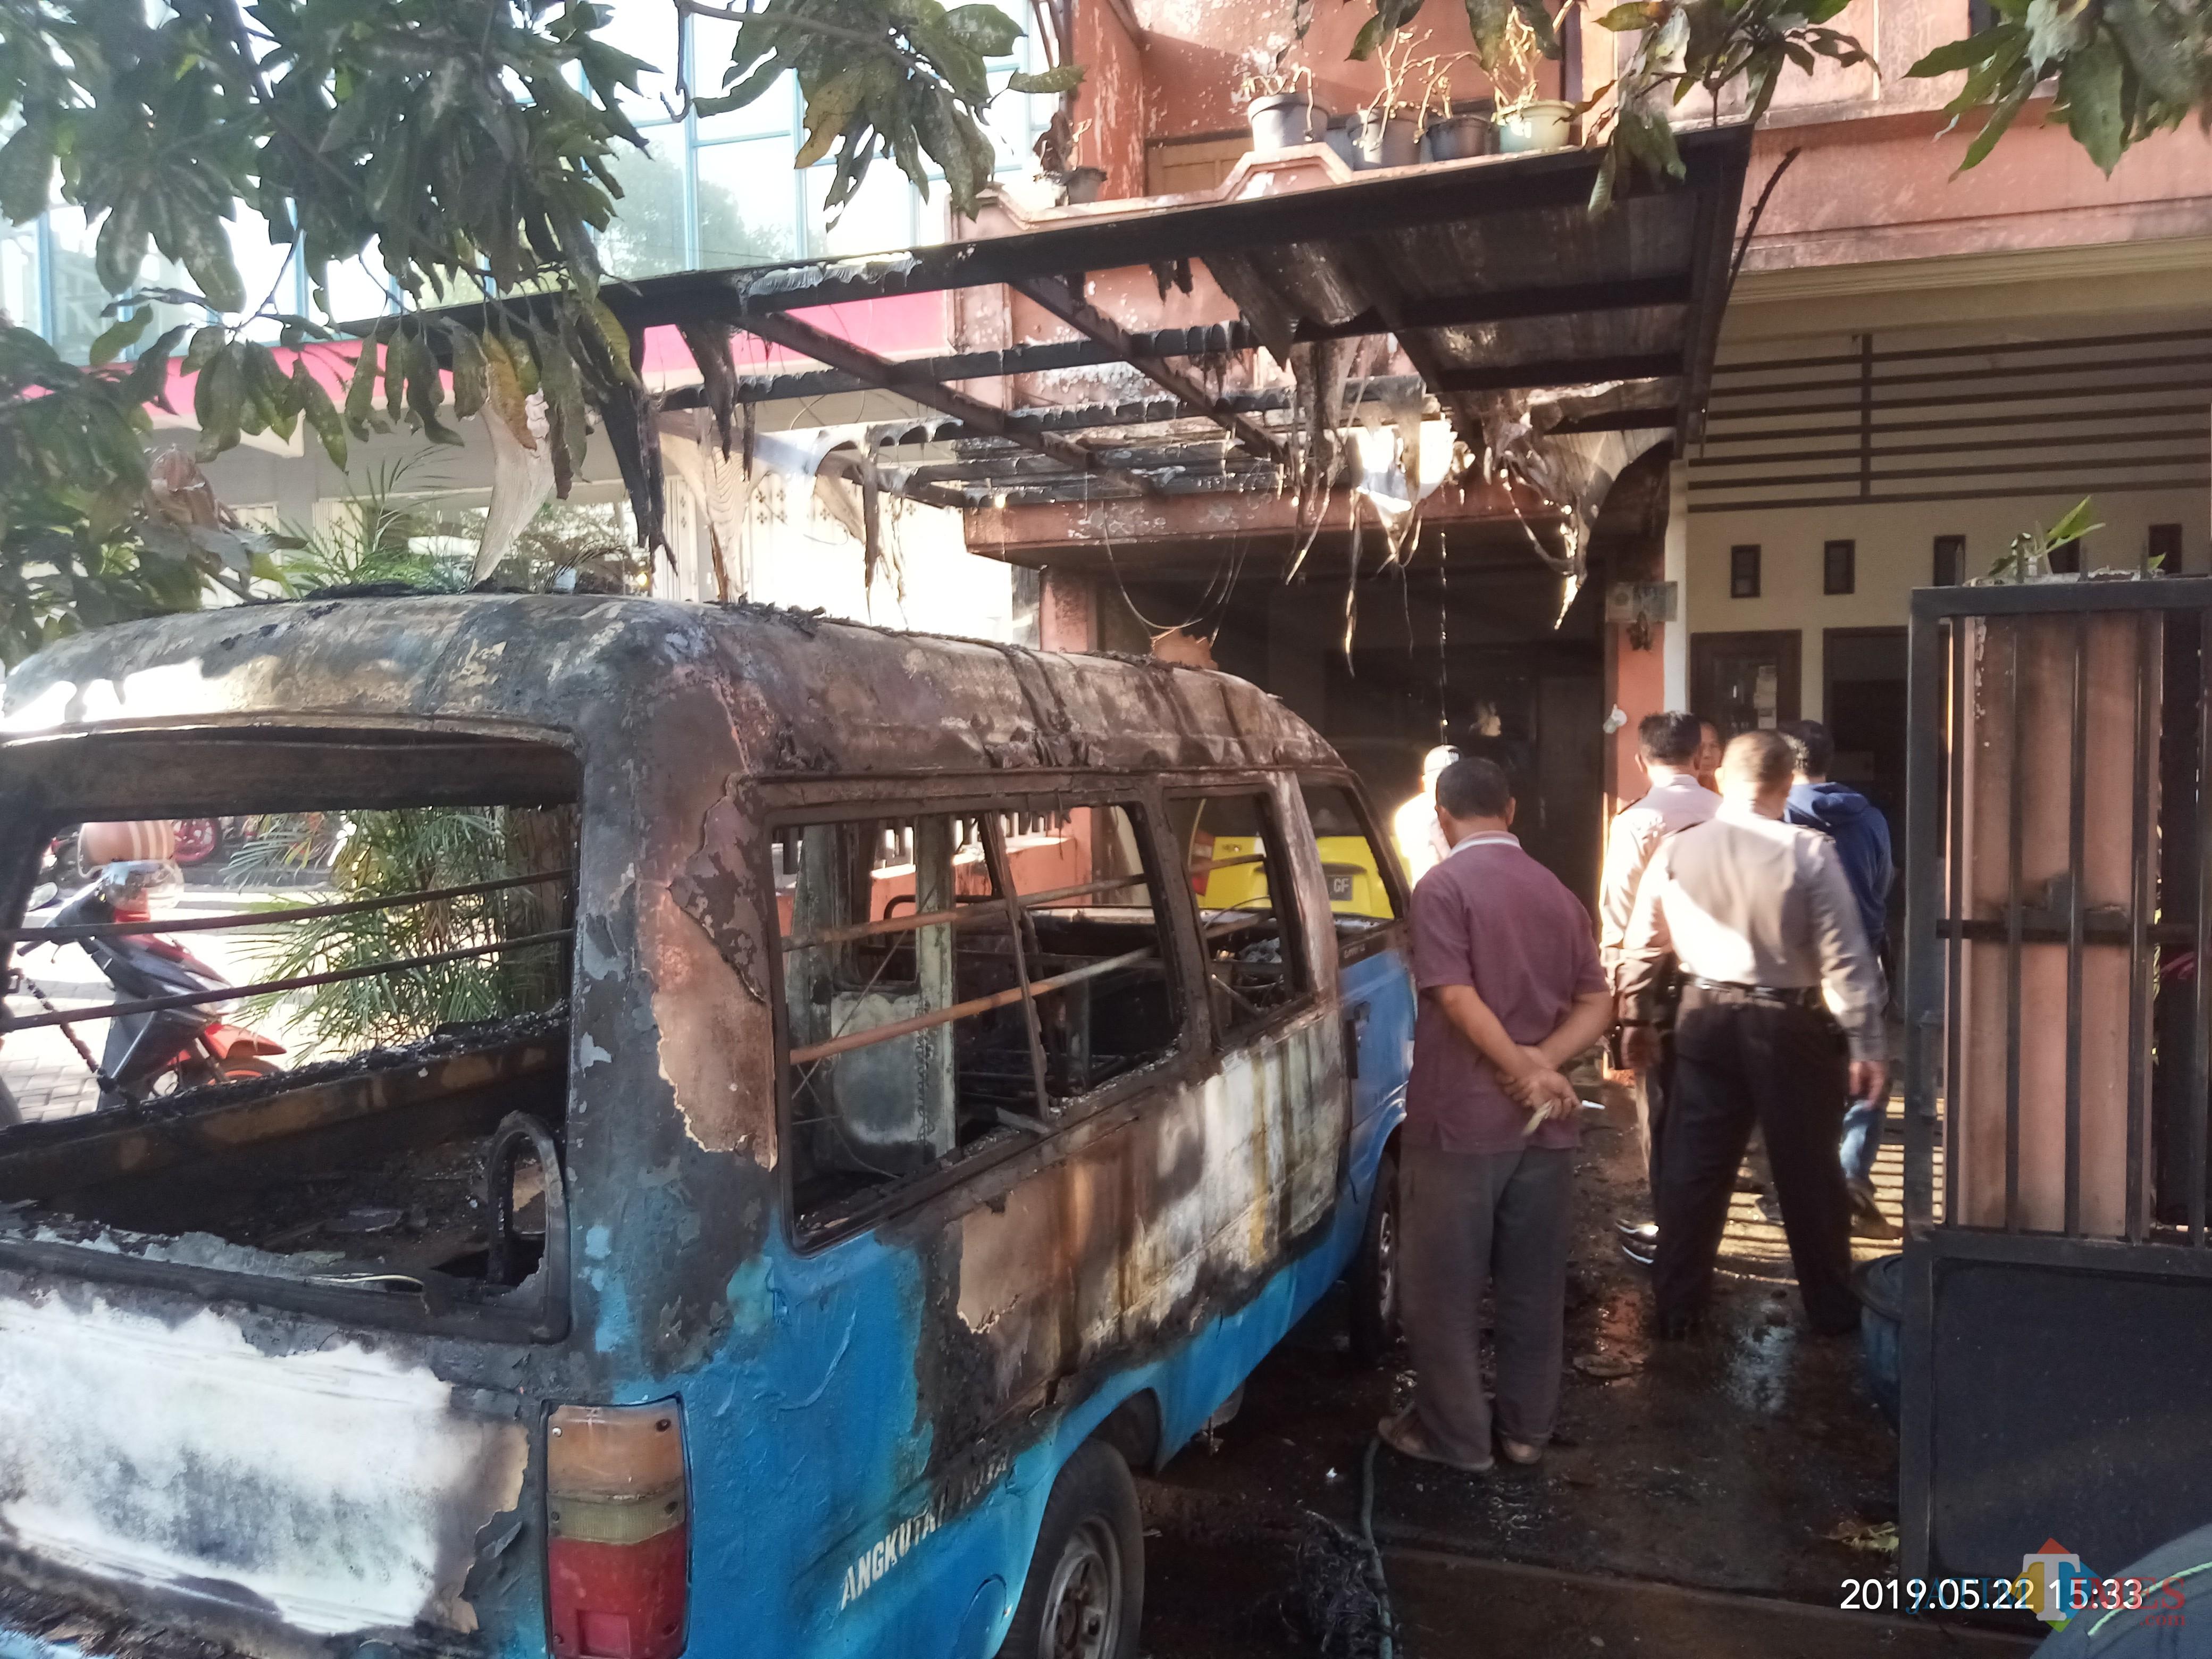 Angkot dan atap rumah yang terbakar habis sedang diperiksa pihak kepolisian (Anggara Sudiongko/MalangTIMES)